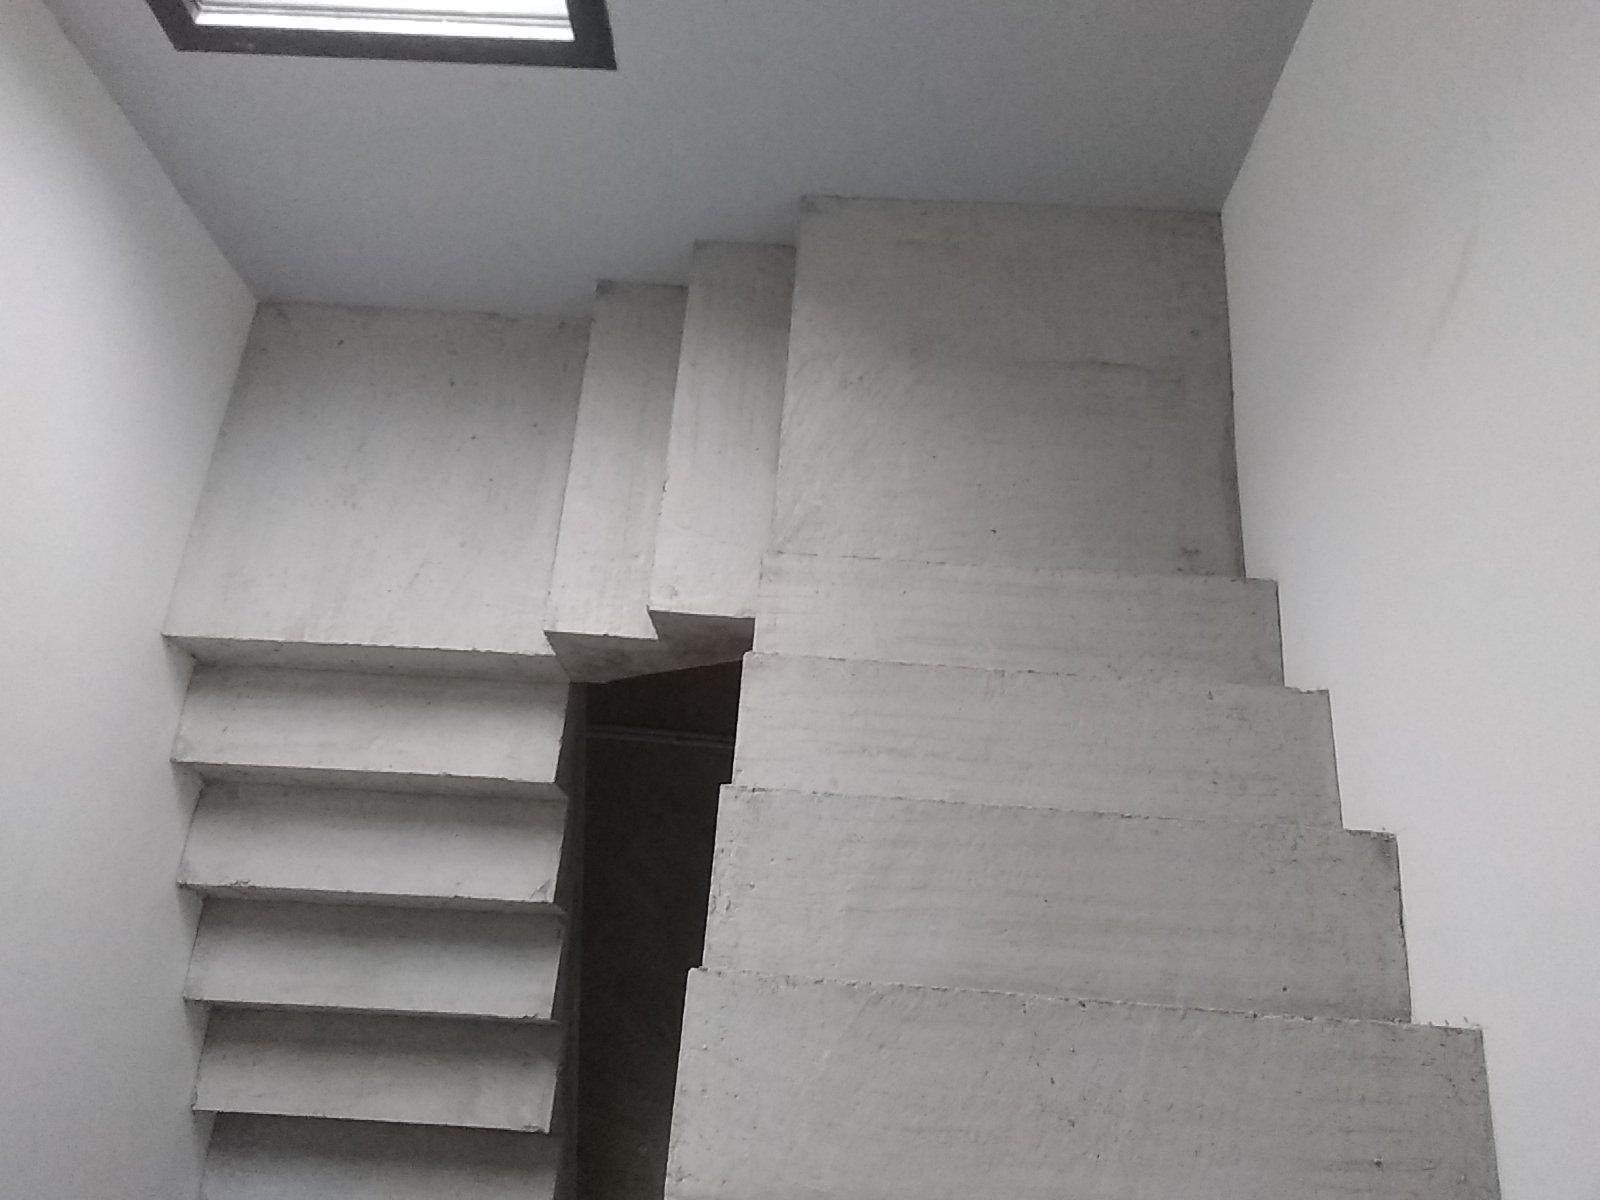 3 volées droites et deux paliers intermédiaires composent cet escalier en béton